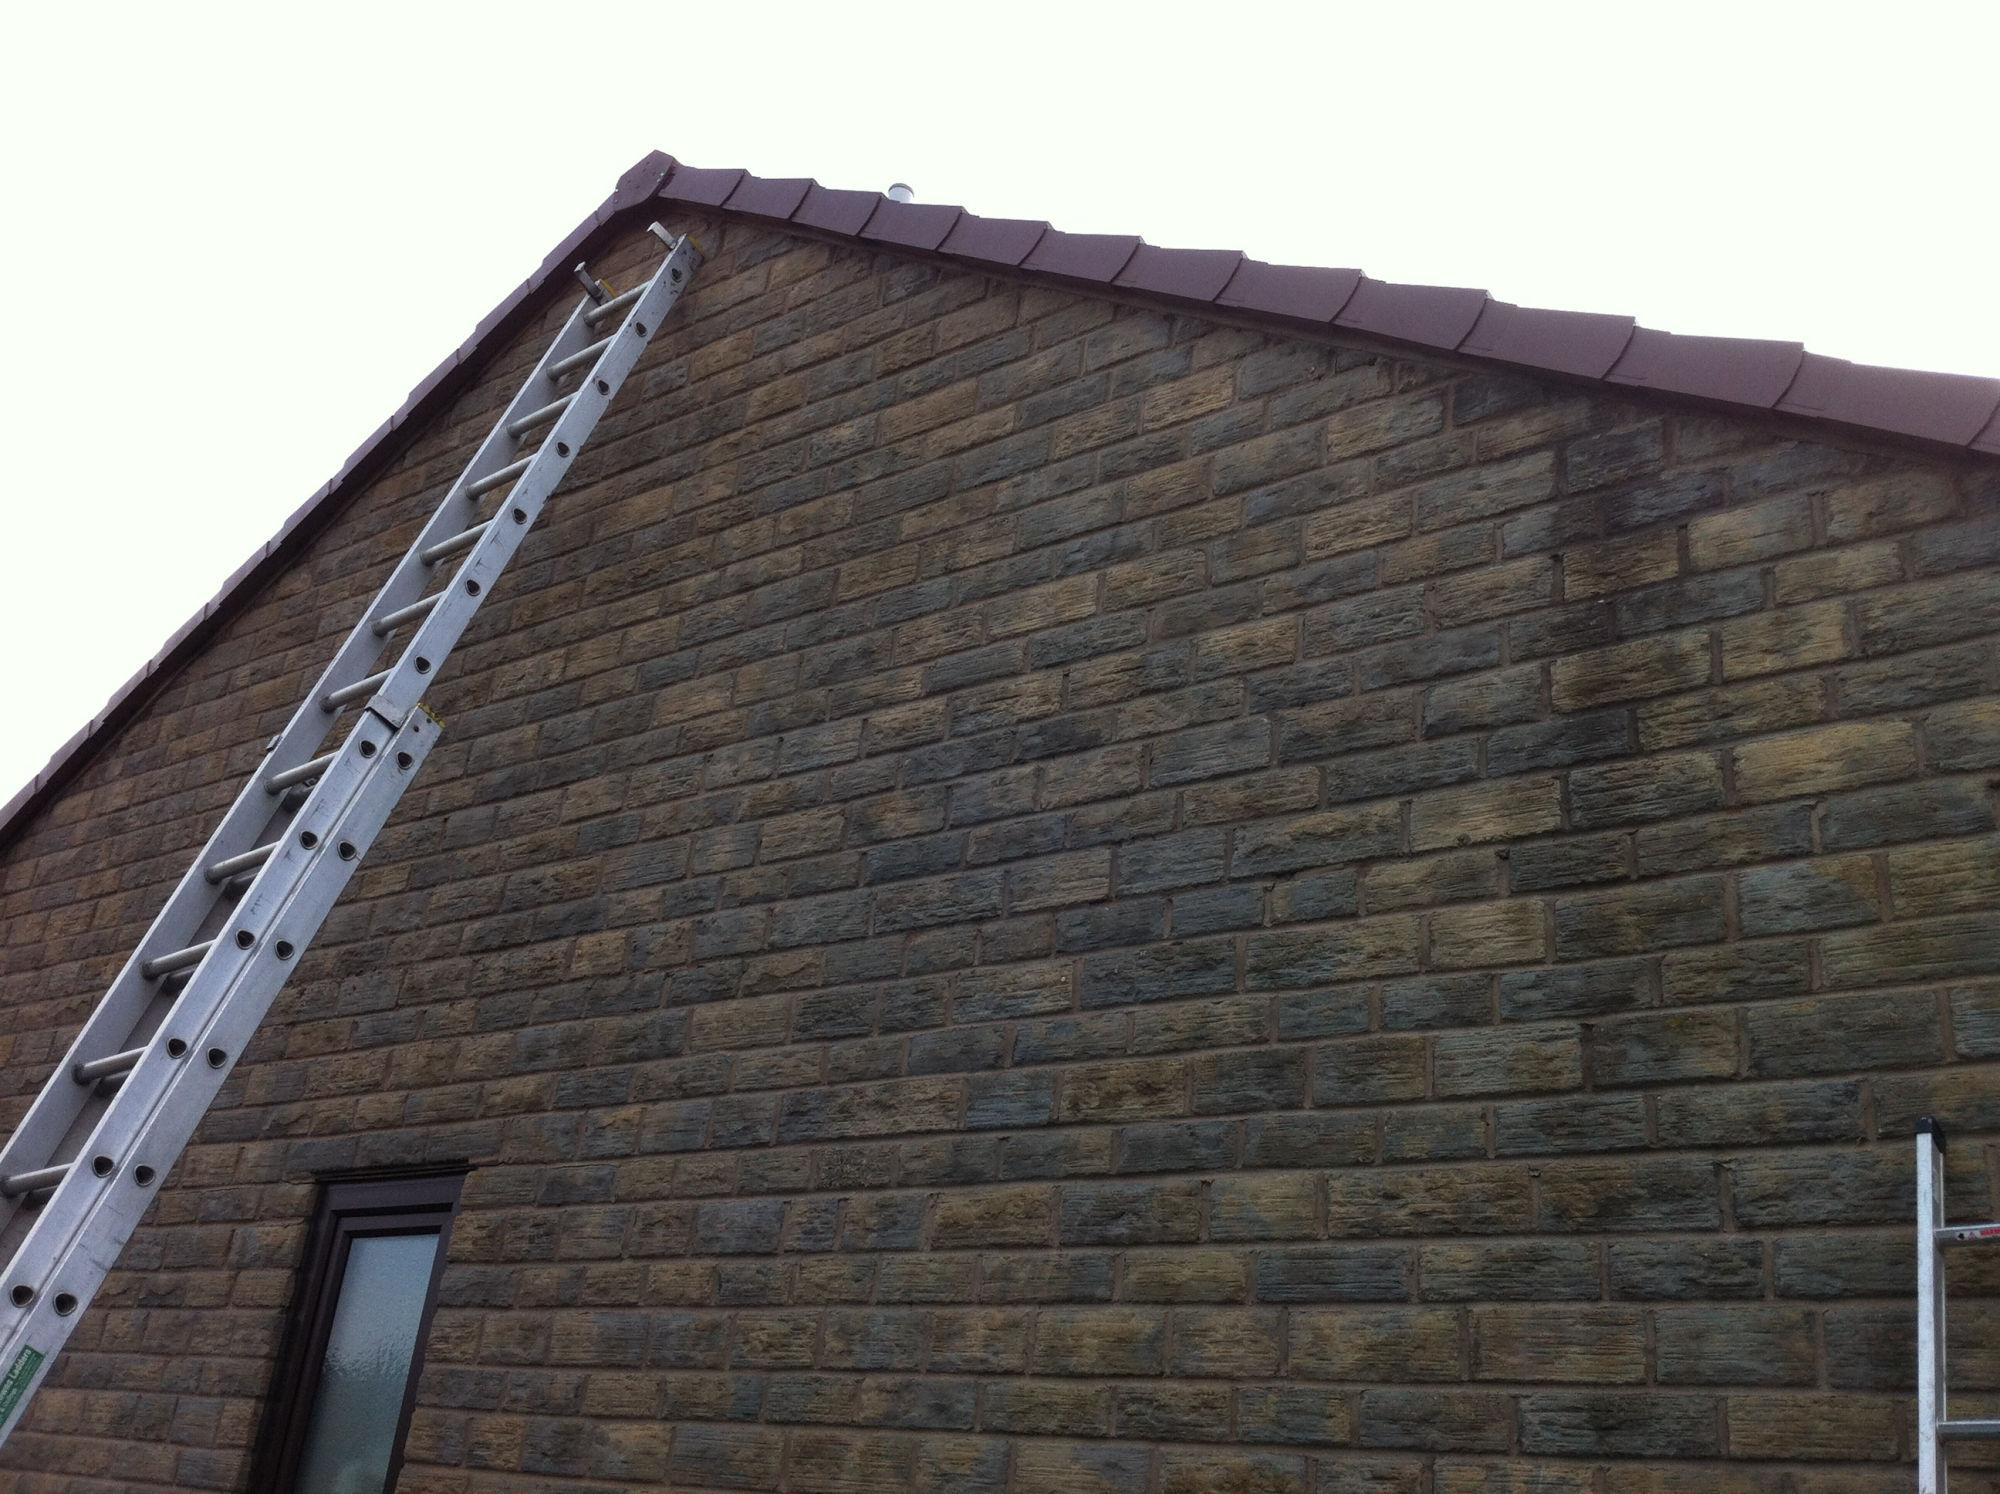 Fixing roof tiles in Burnley